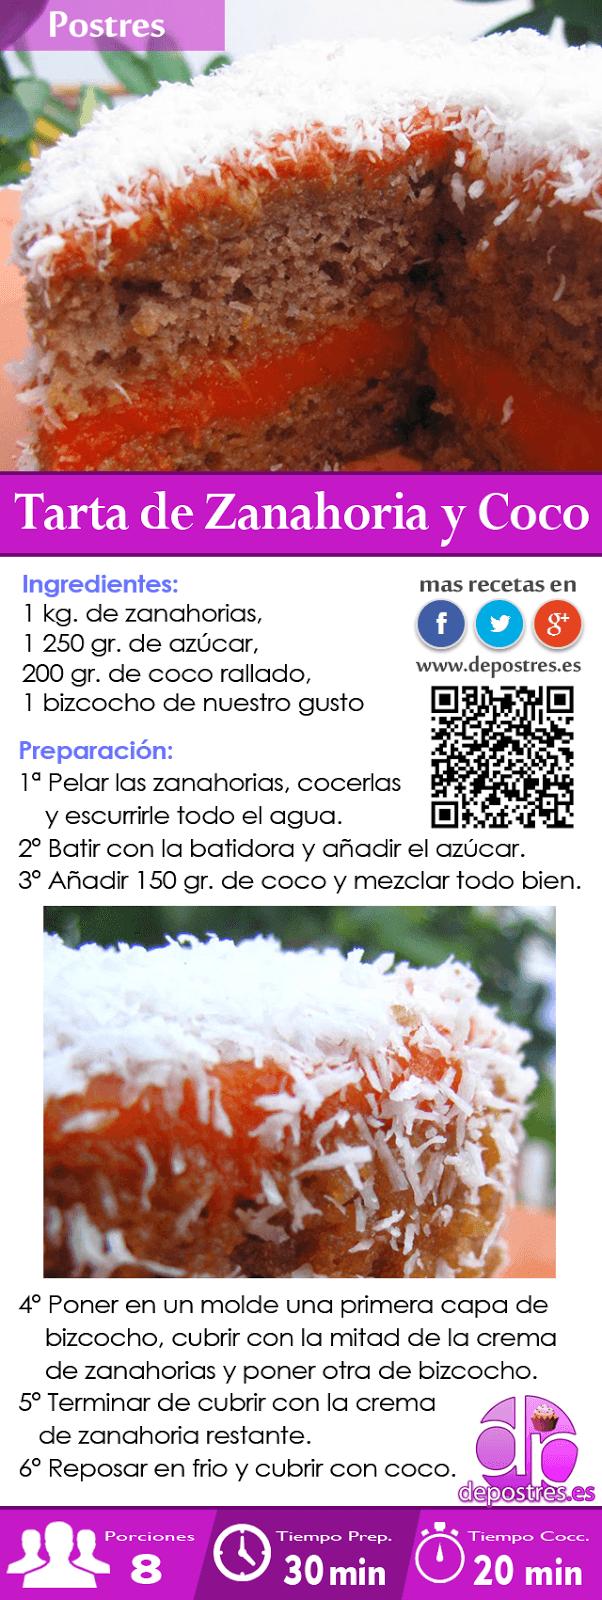 FICHA COLECCIONABLE: TARTA DE ZANAHORIA Y COCO